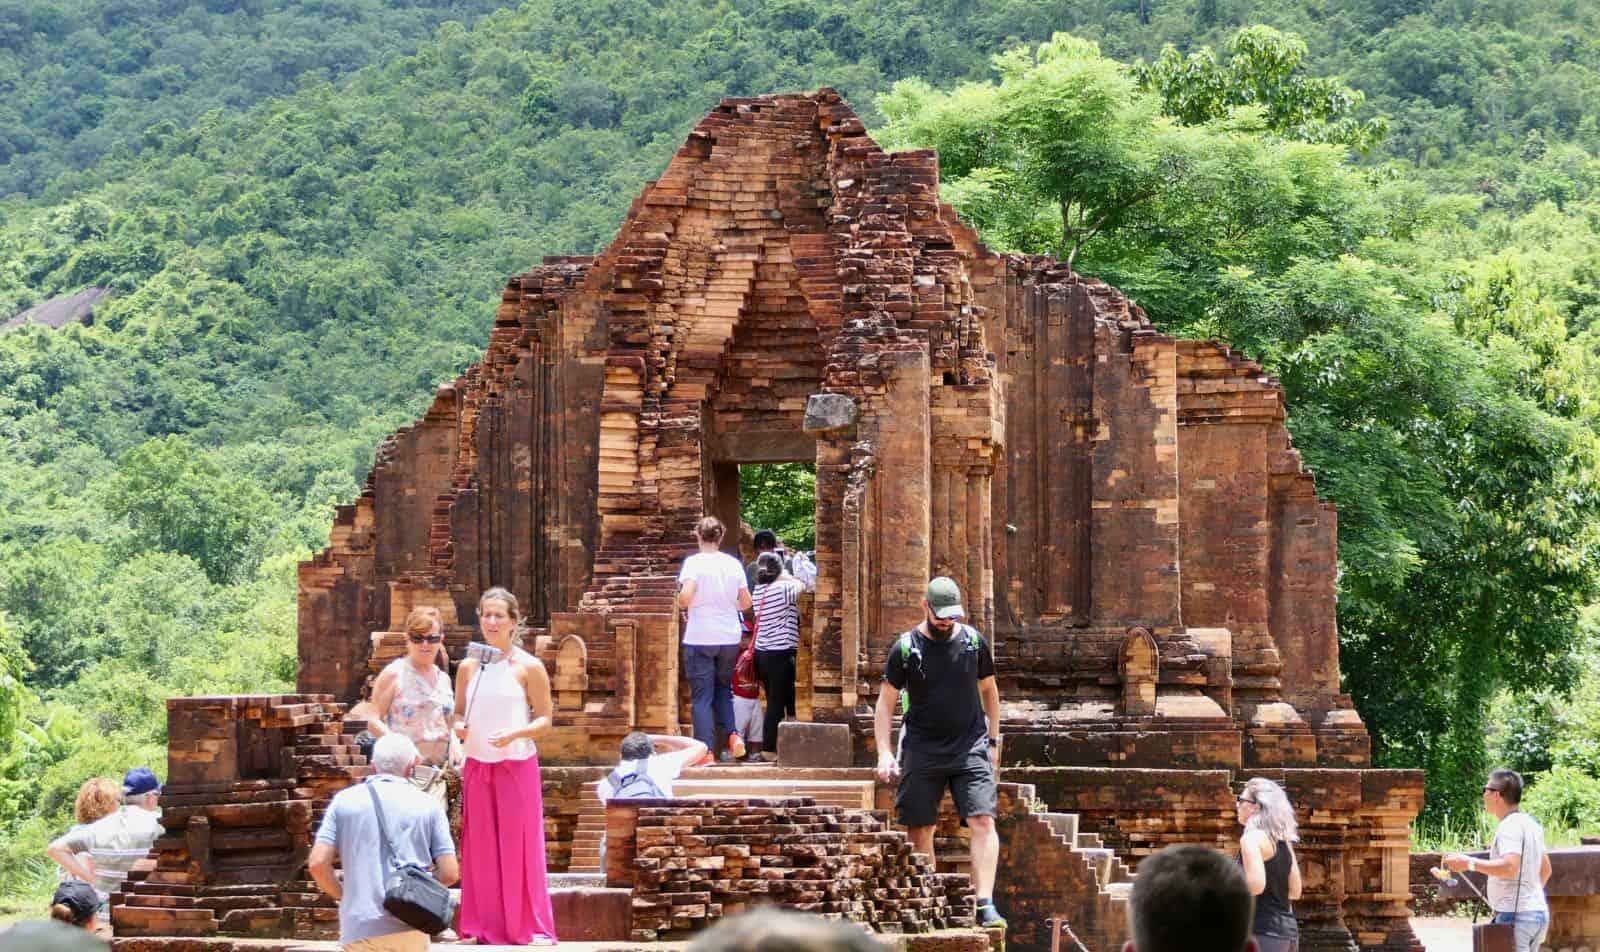 Tourists My Son Hoi An Vietnam betternotstop